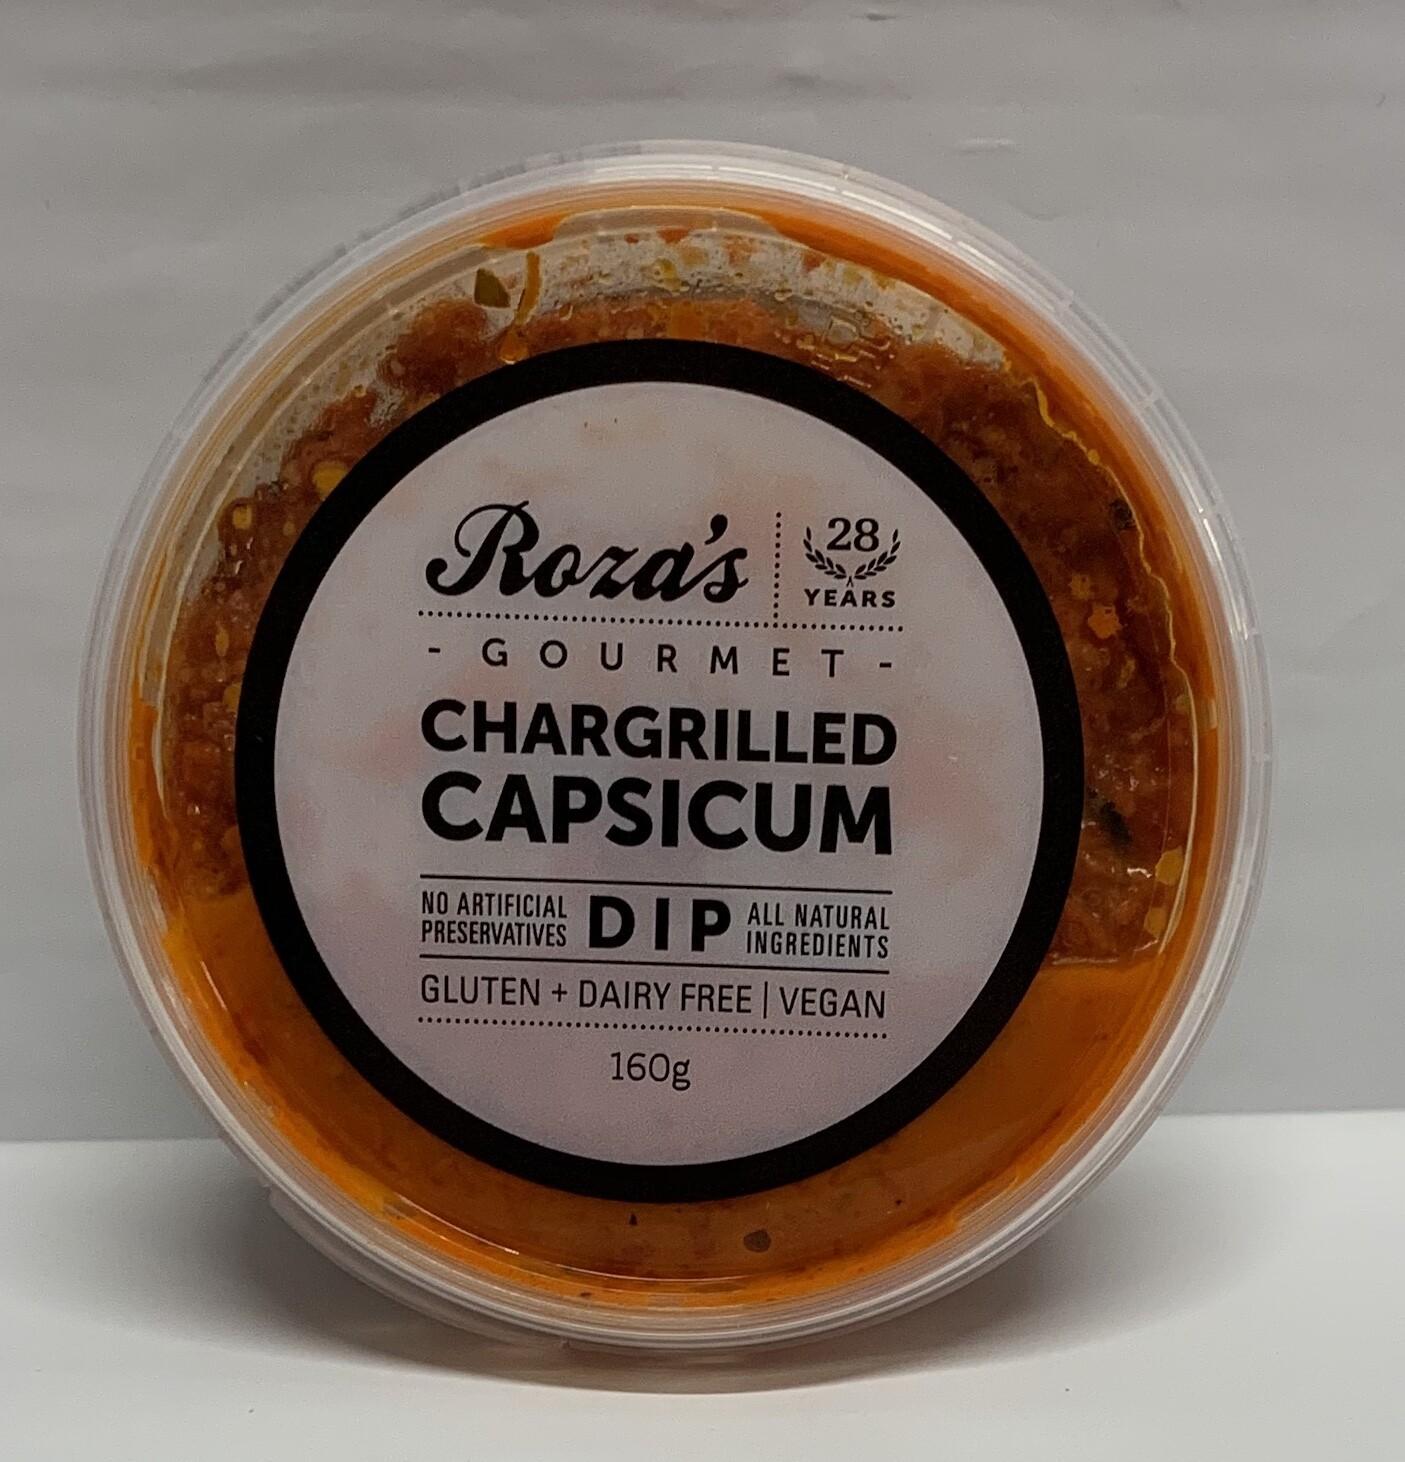 Chargrilled Capsicum Dip (160g)